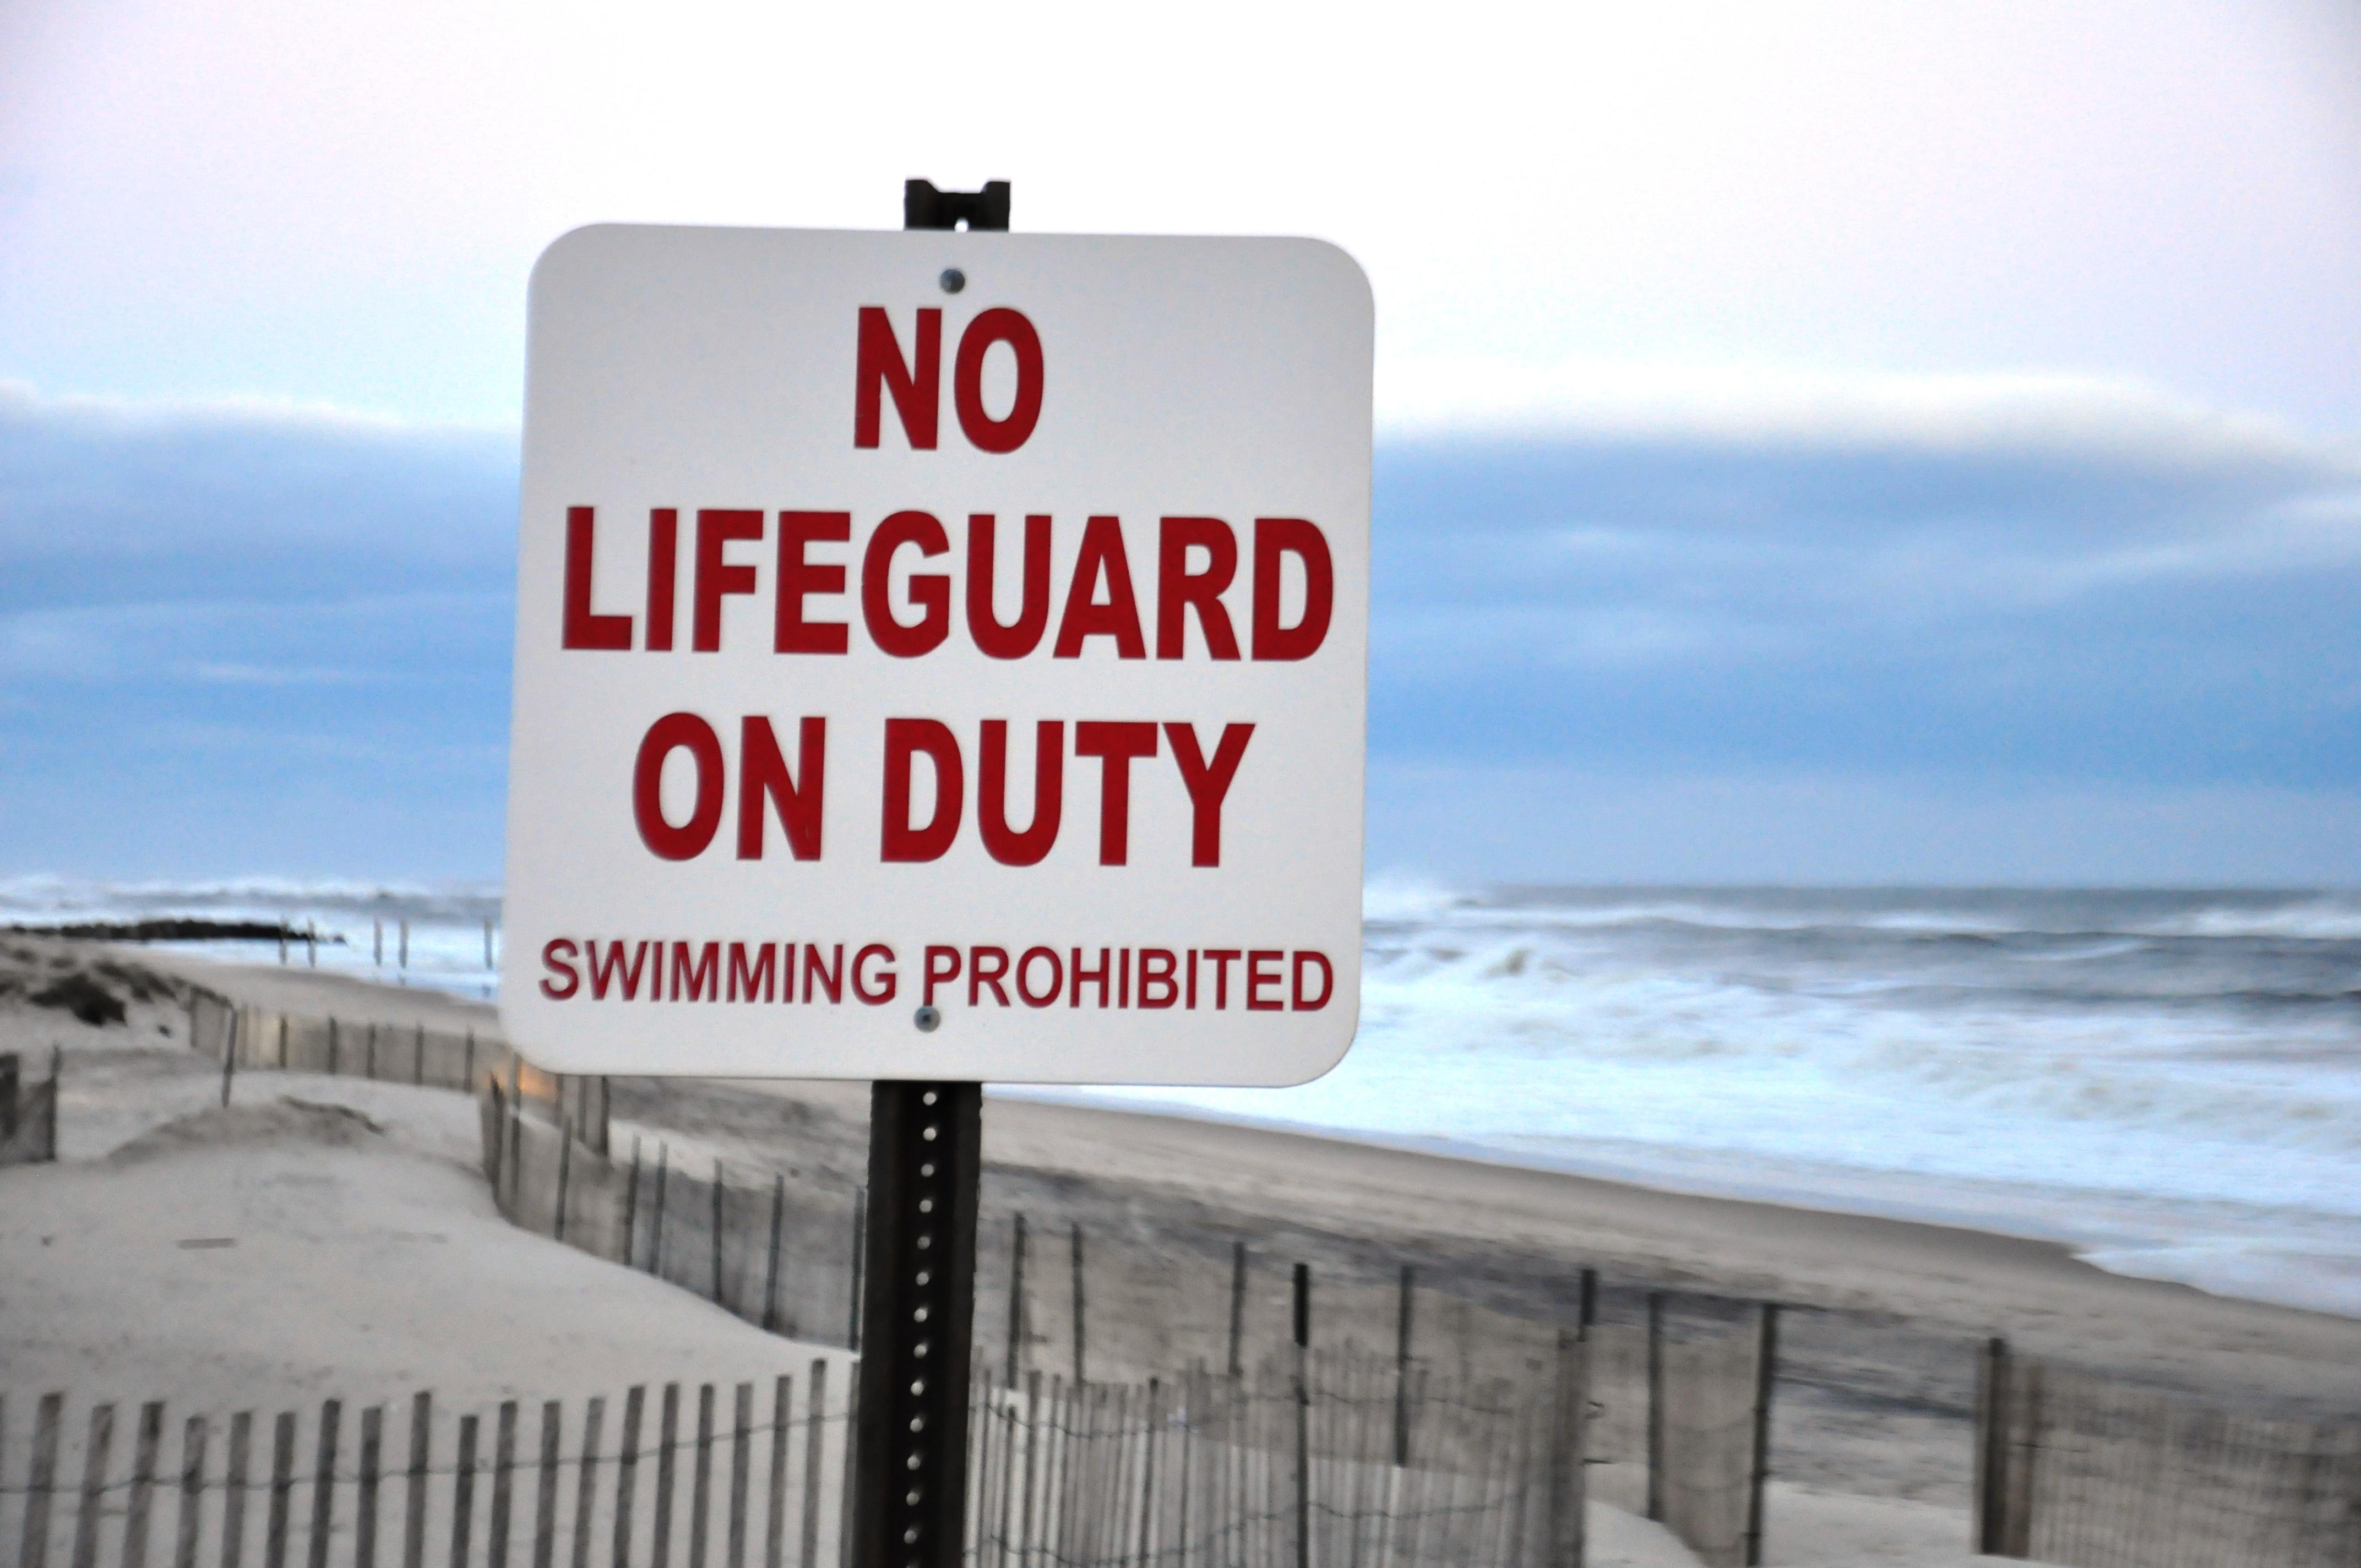 No lifeguard photo